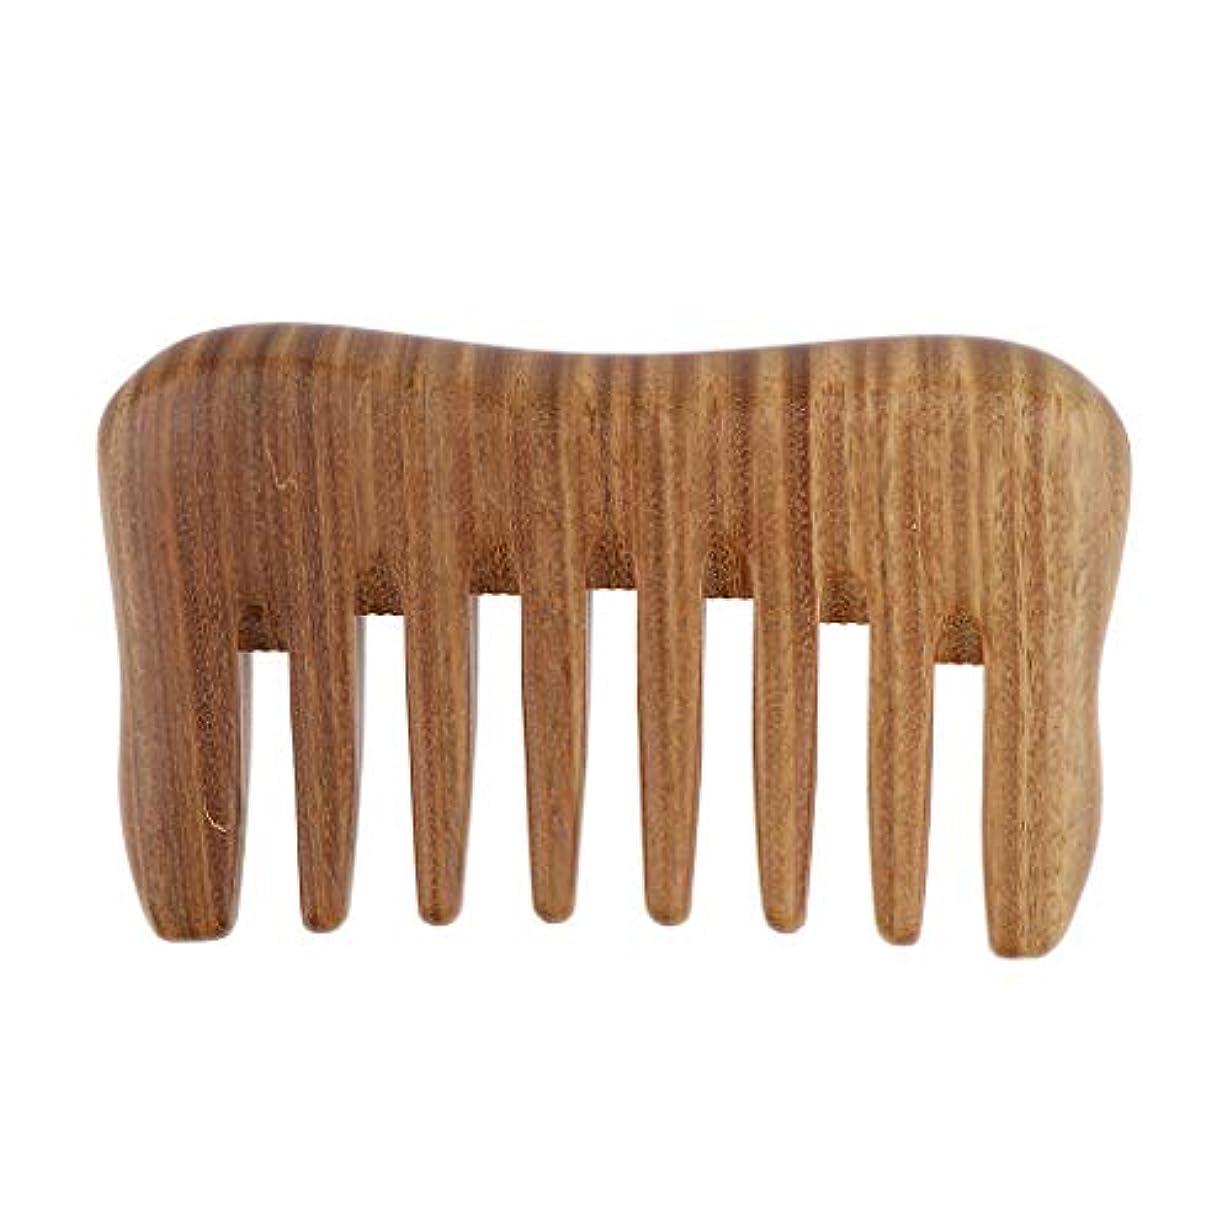 テロリスト狐高原帯電防止櫛 ウッドコーム ヘアケア 頭皮マッサージブラシ 携帯便利 3色選べ - ベラウッド